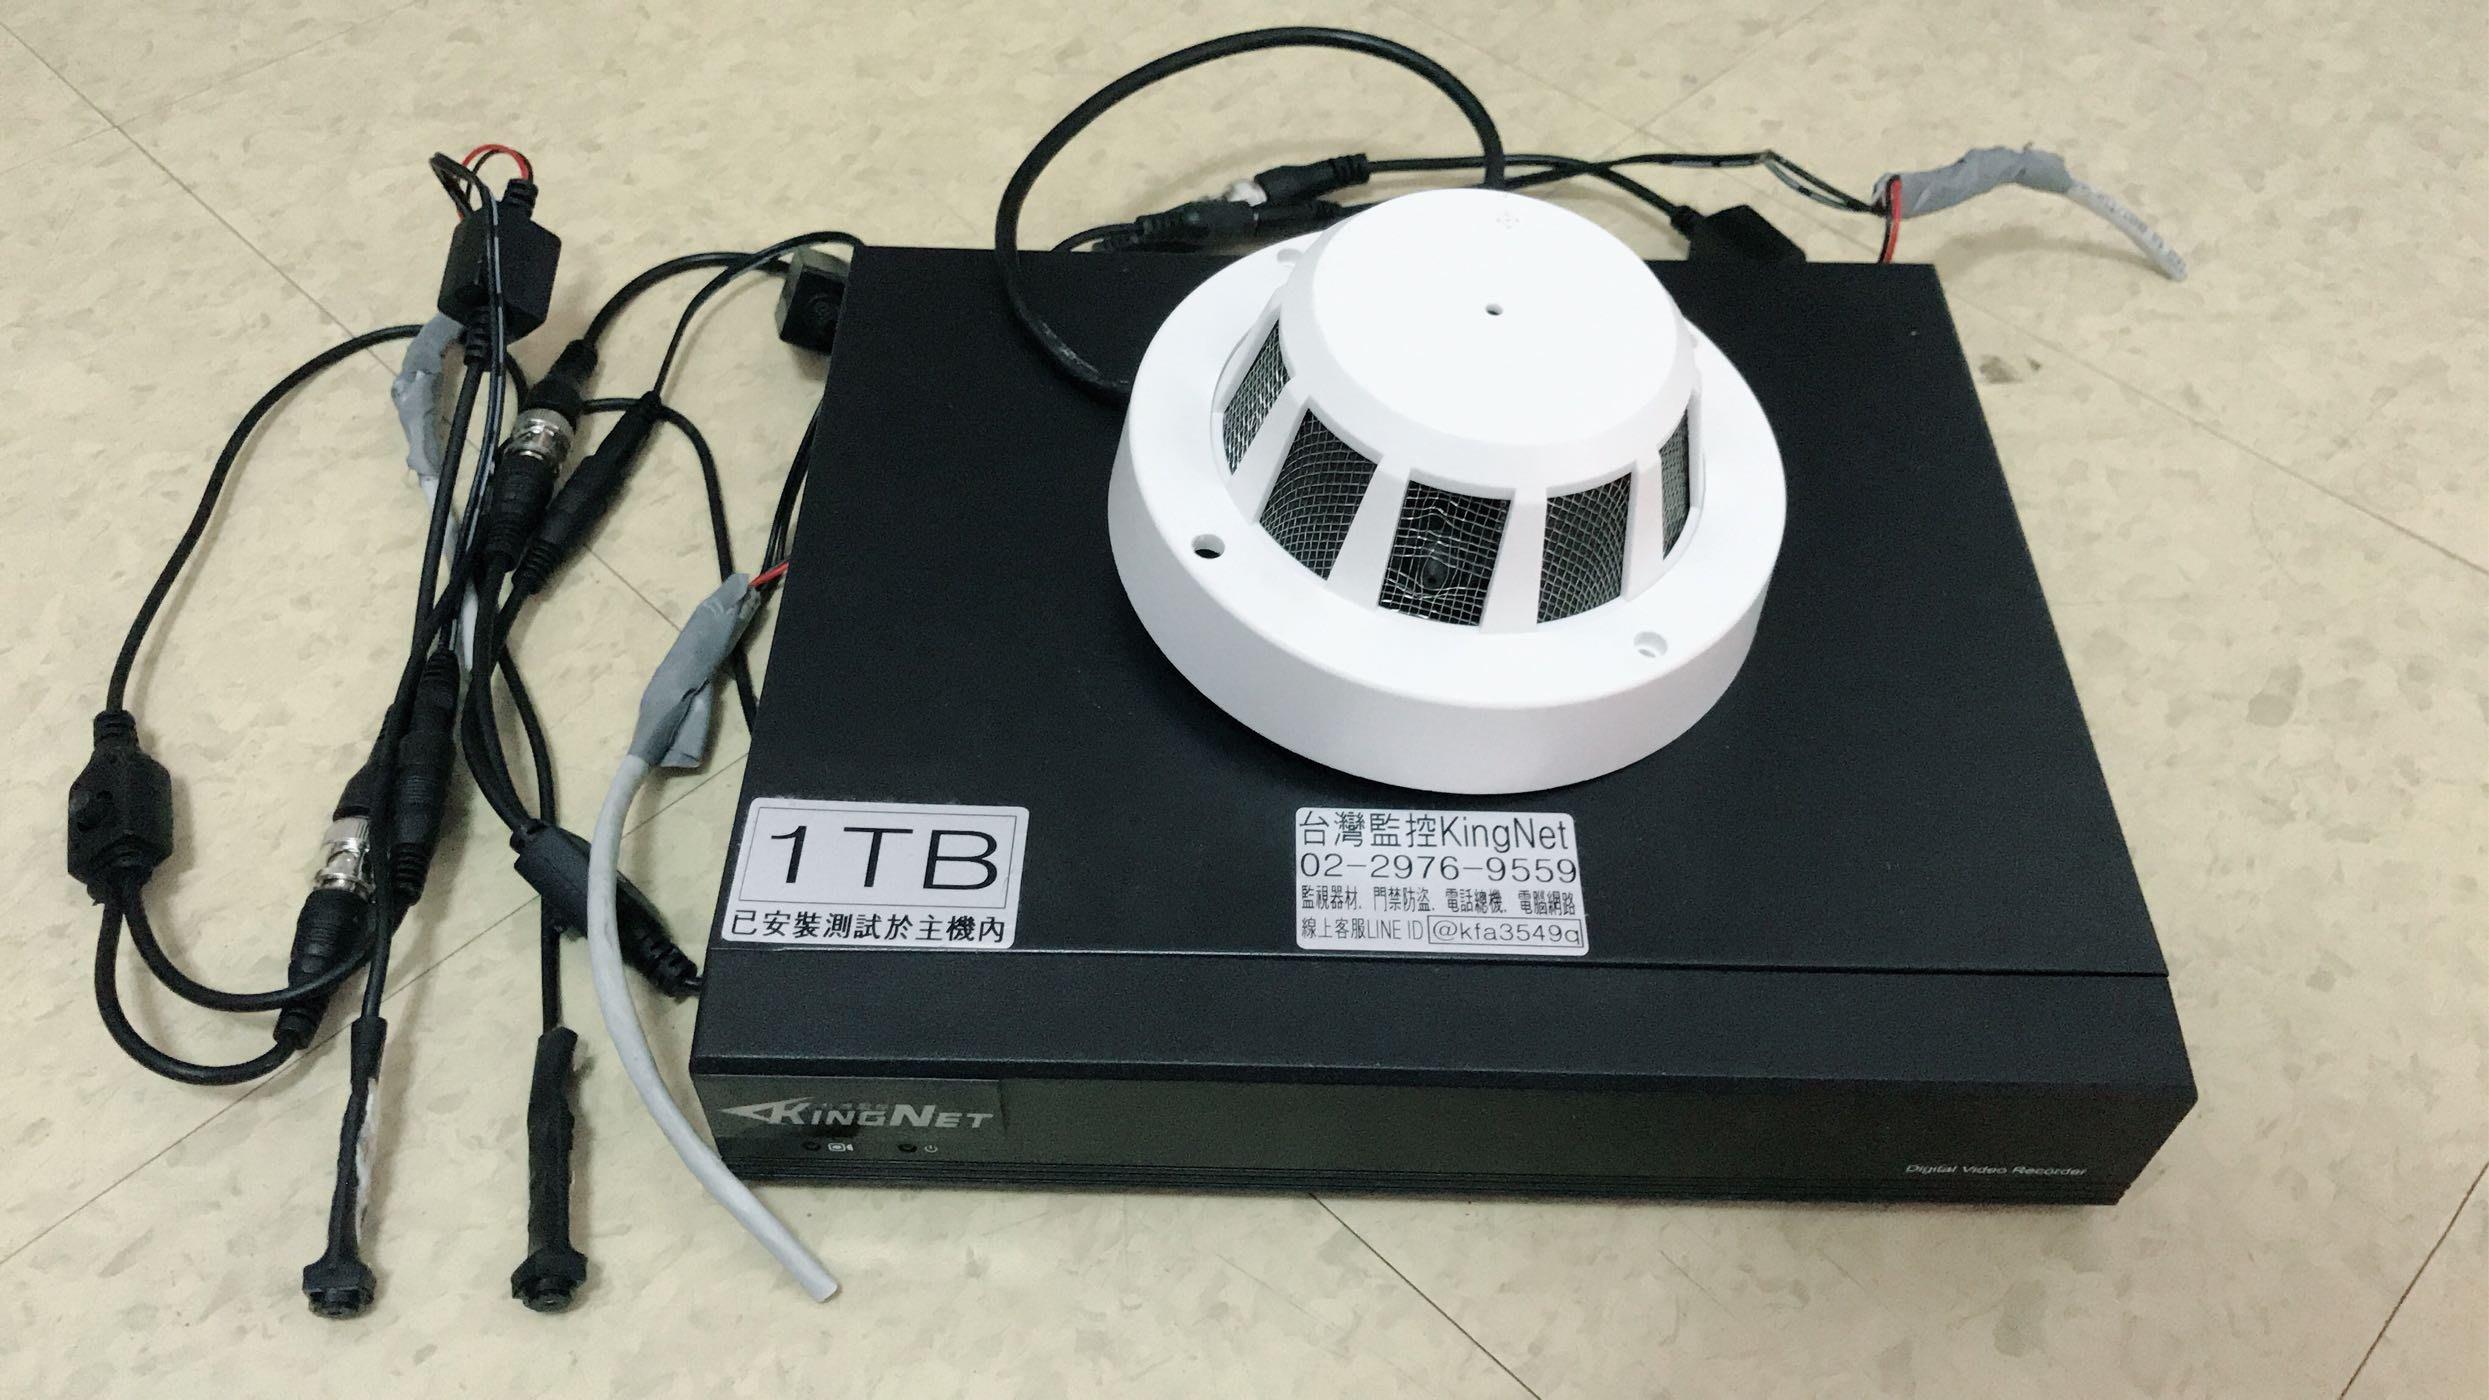 監視器 4路監視器主機 針孔攝影機 偽裝型攝影機